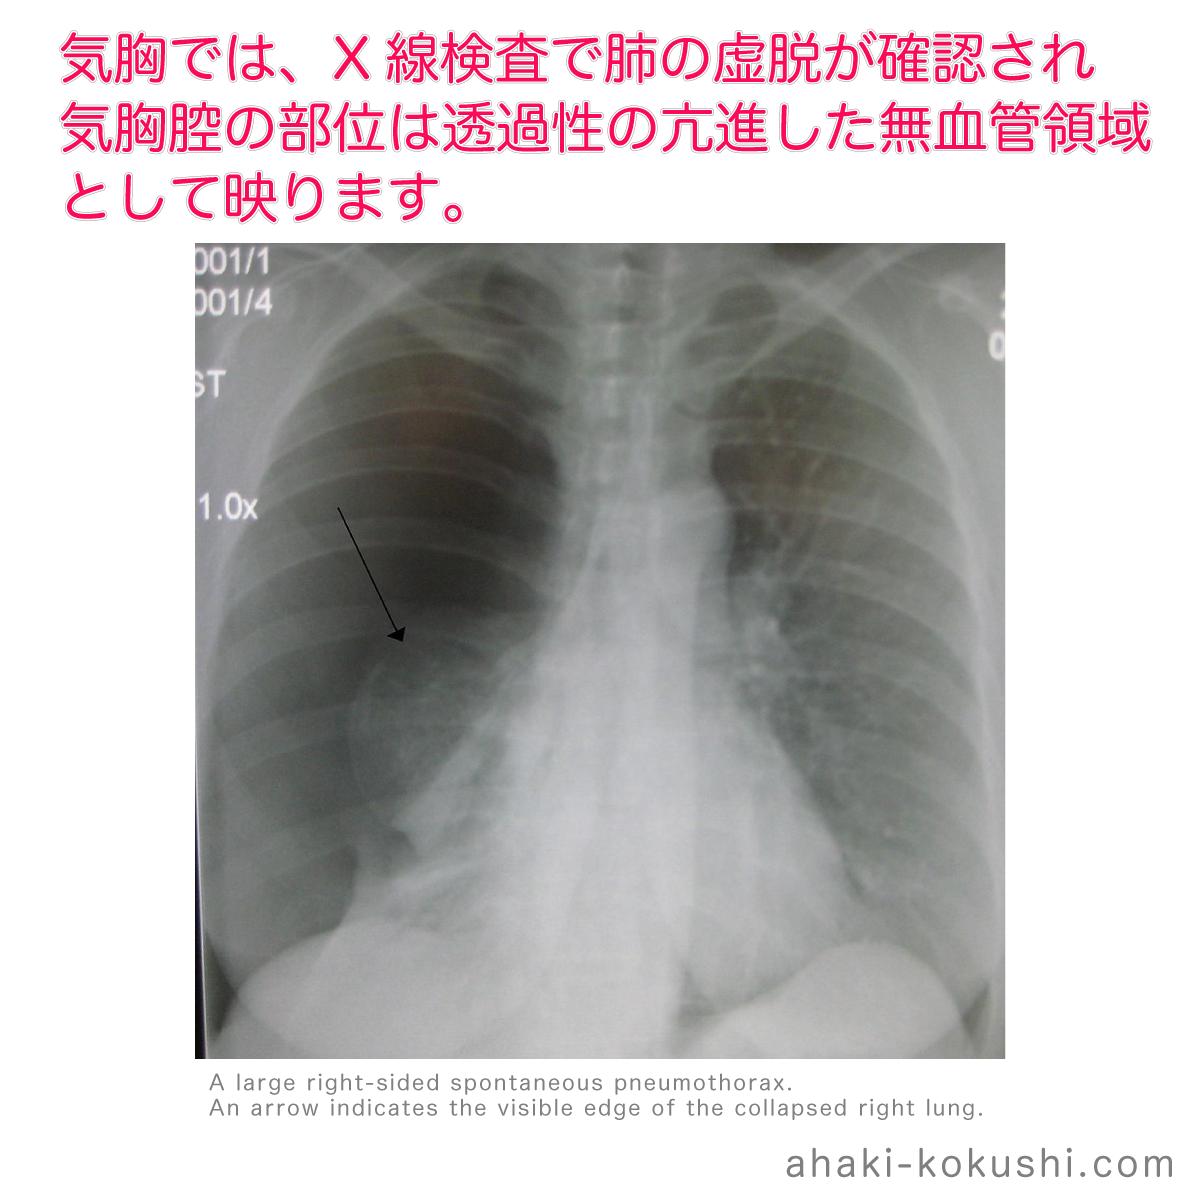 気胸 再発 肺